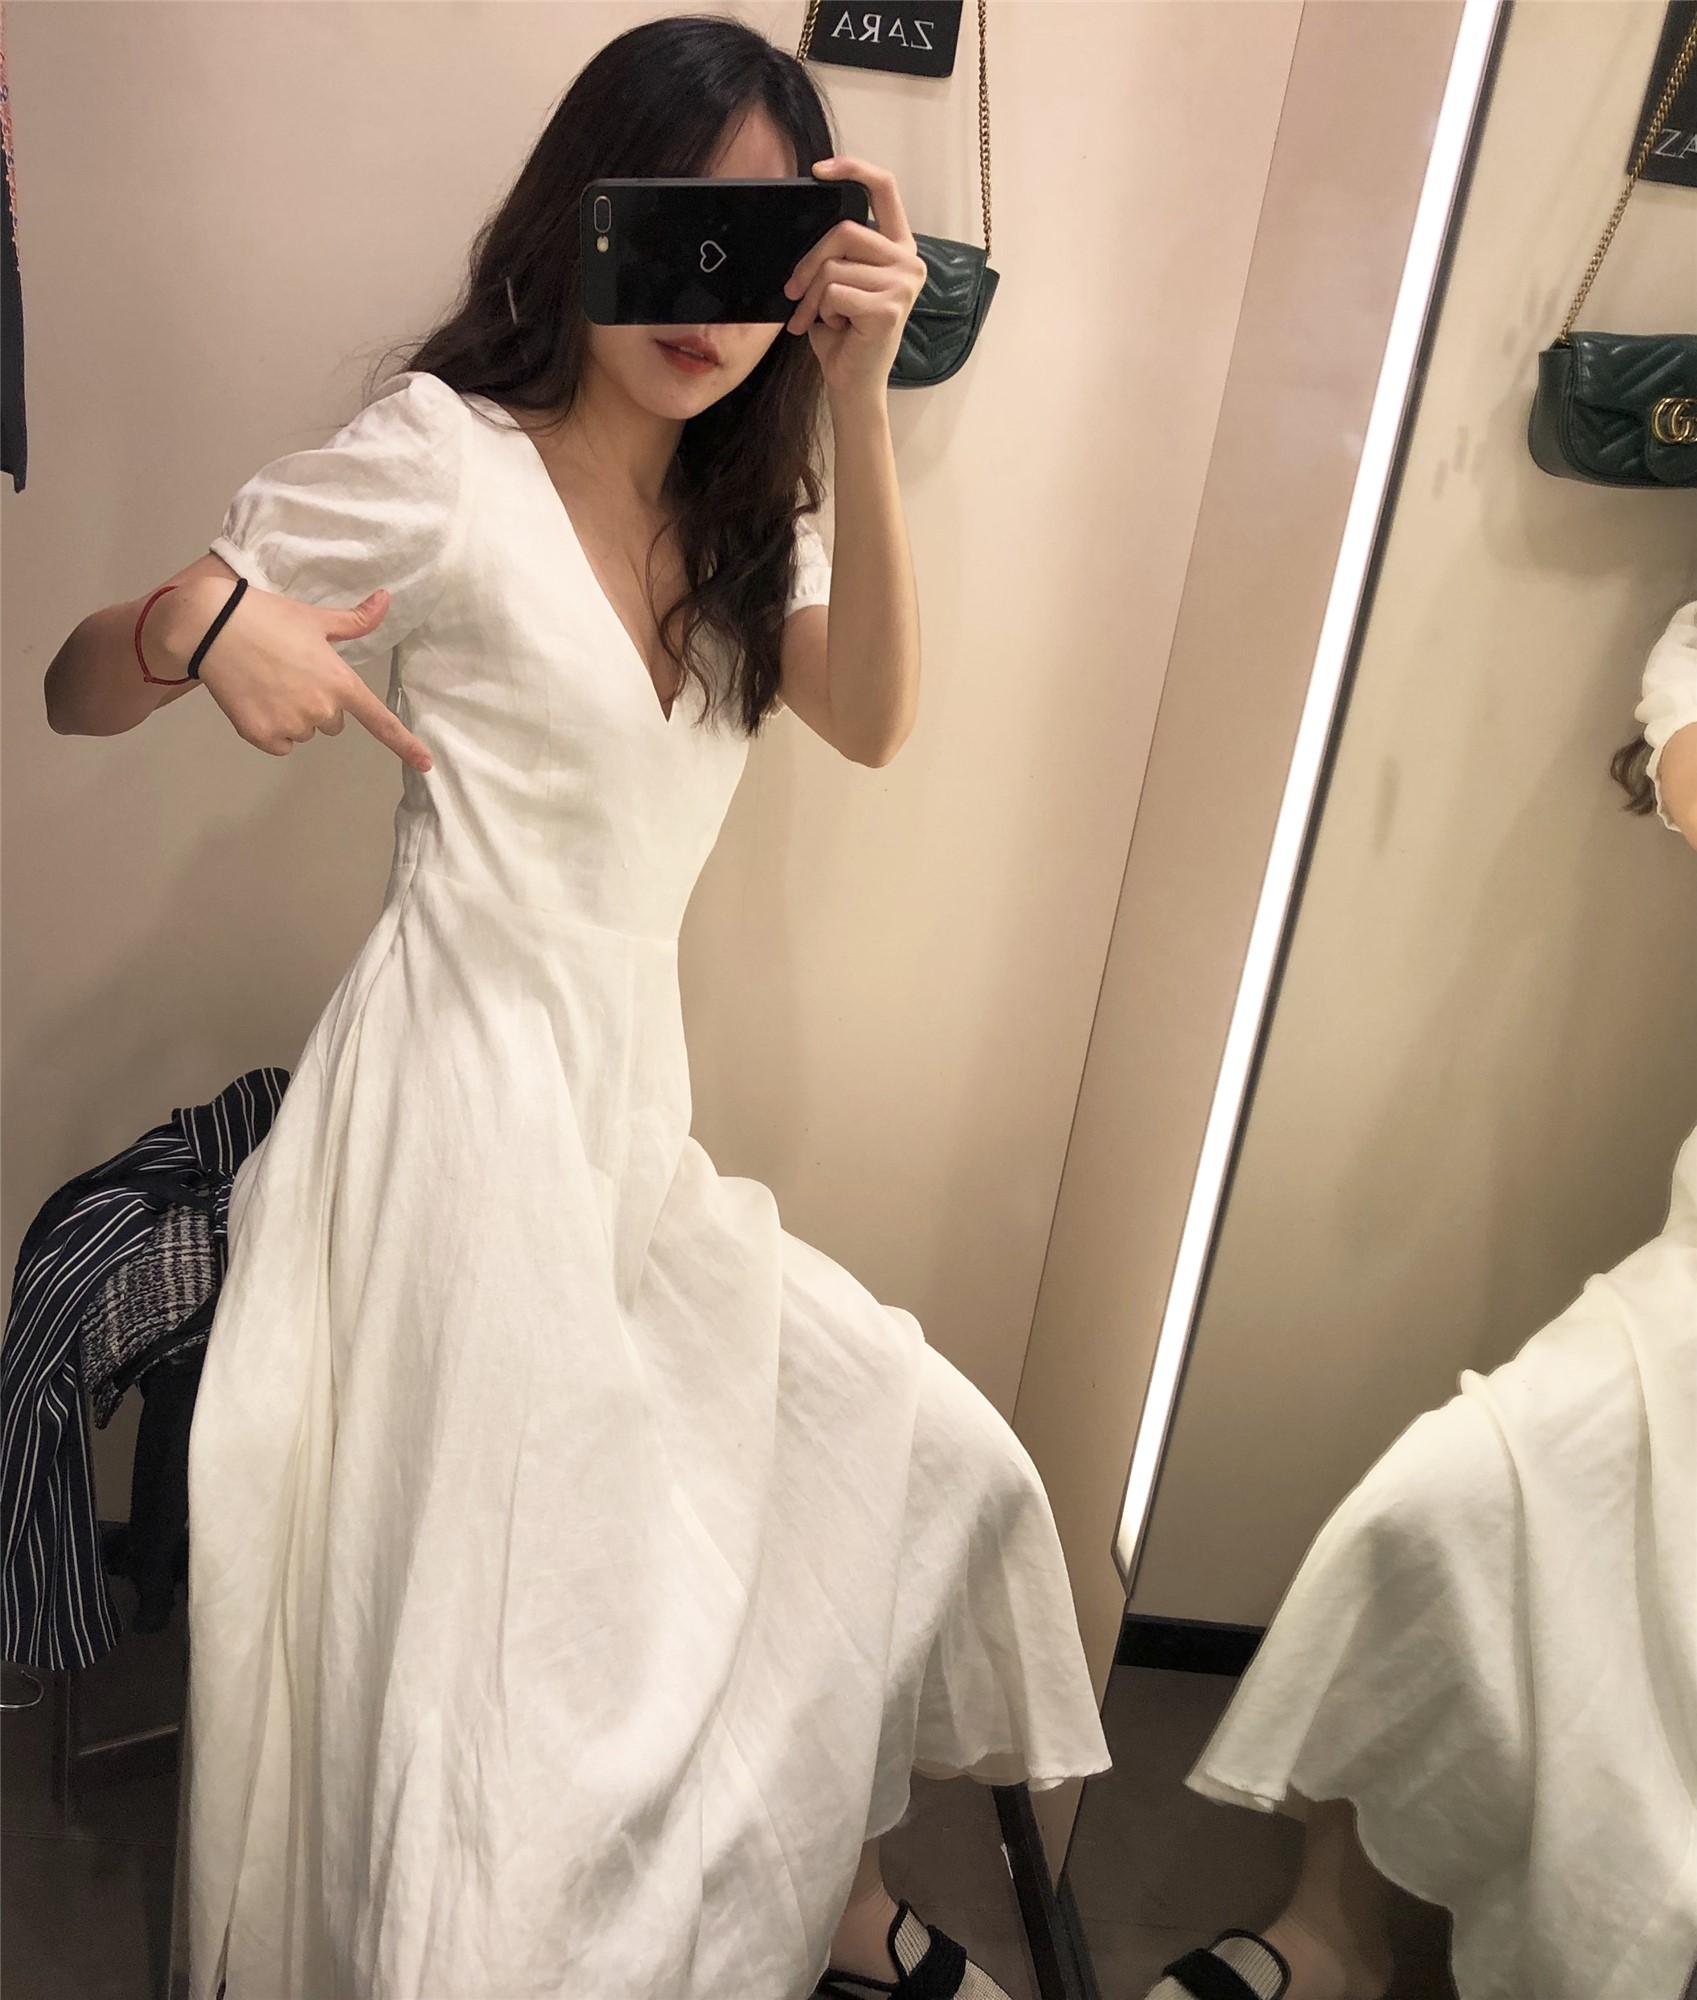 嘟嘟欧美2019夏季新品V领白色蓬蓬袖棉麻连衣裙 02468041251